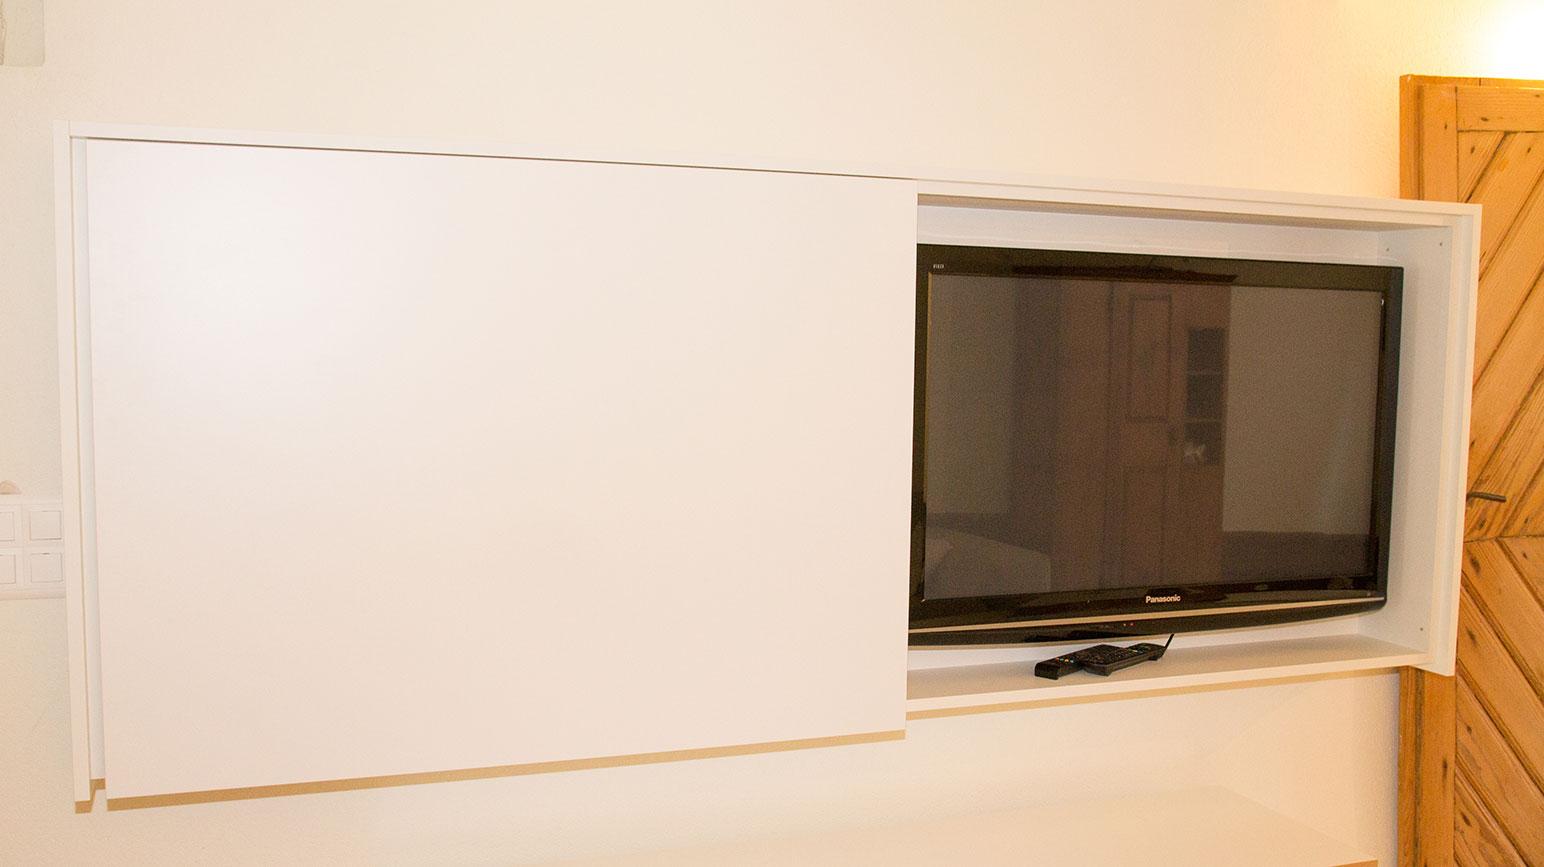 fernsehm bel der schreinerei bopp ag schreinerei bopp ag. Black Bedroom Furniture Sets. Home Design Ideas